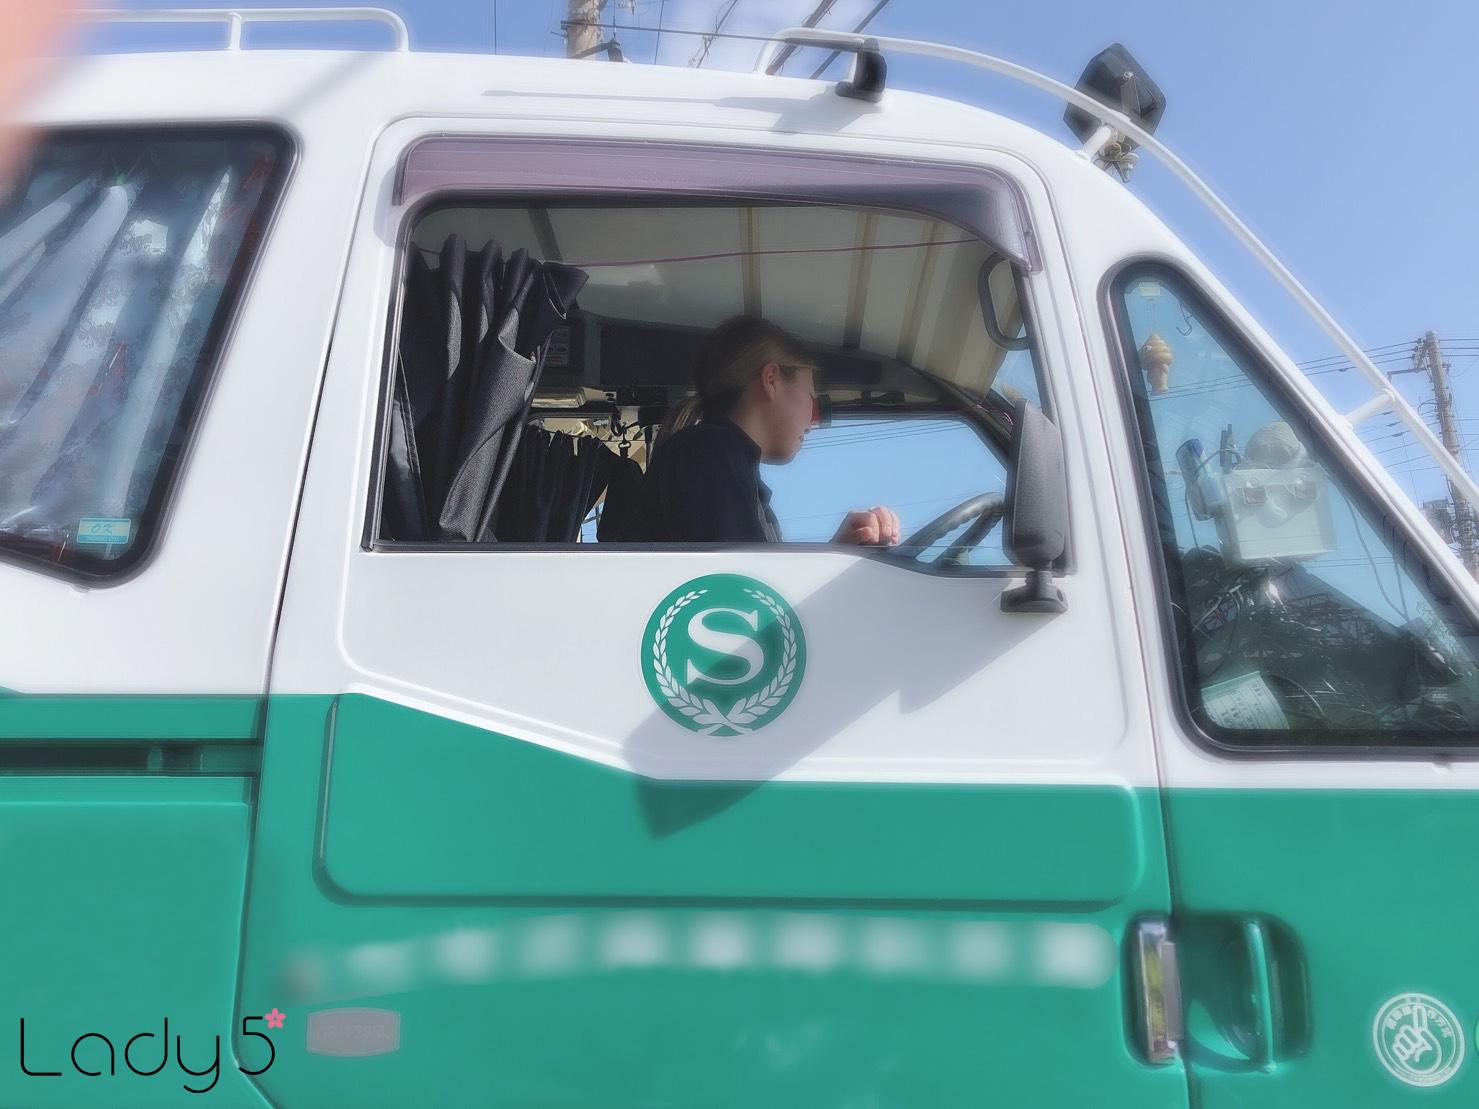 trucklゆちゃめろ | クレーンオペレーターady5_yuchameru3b